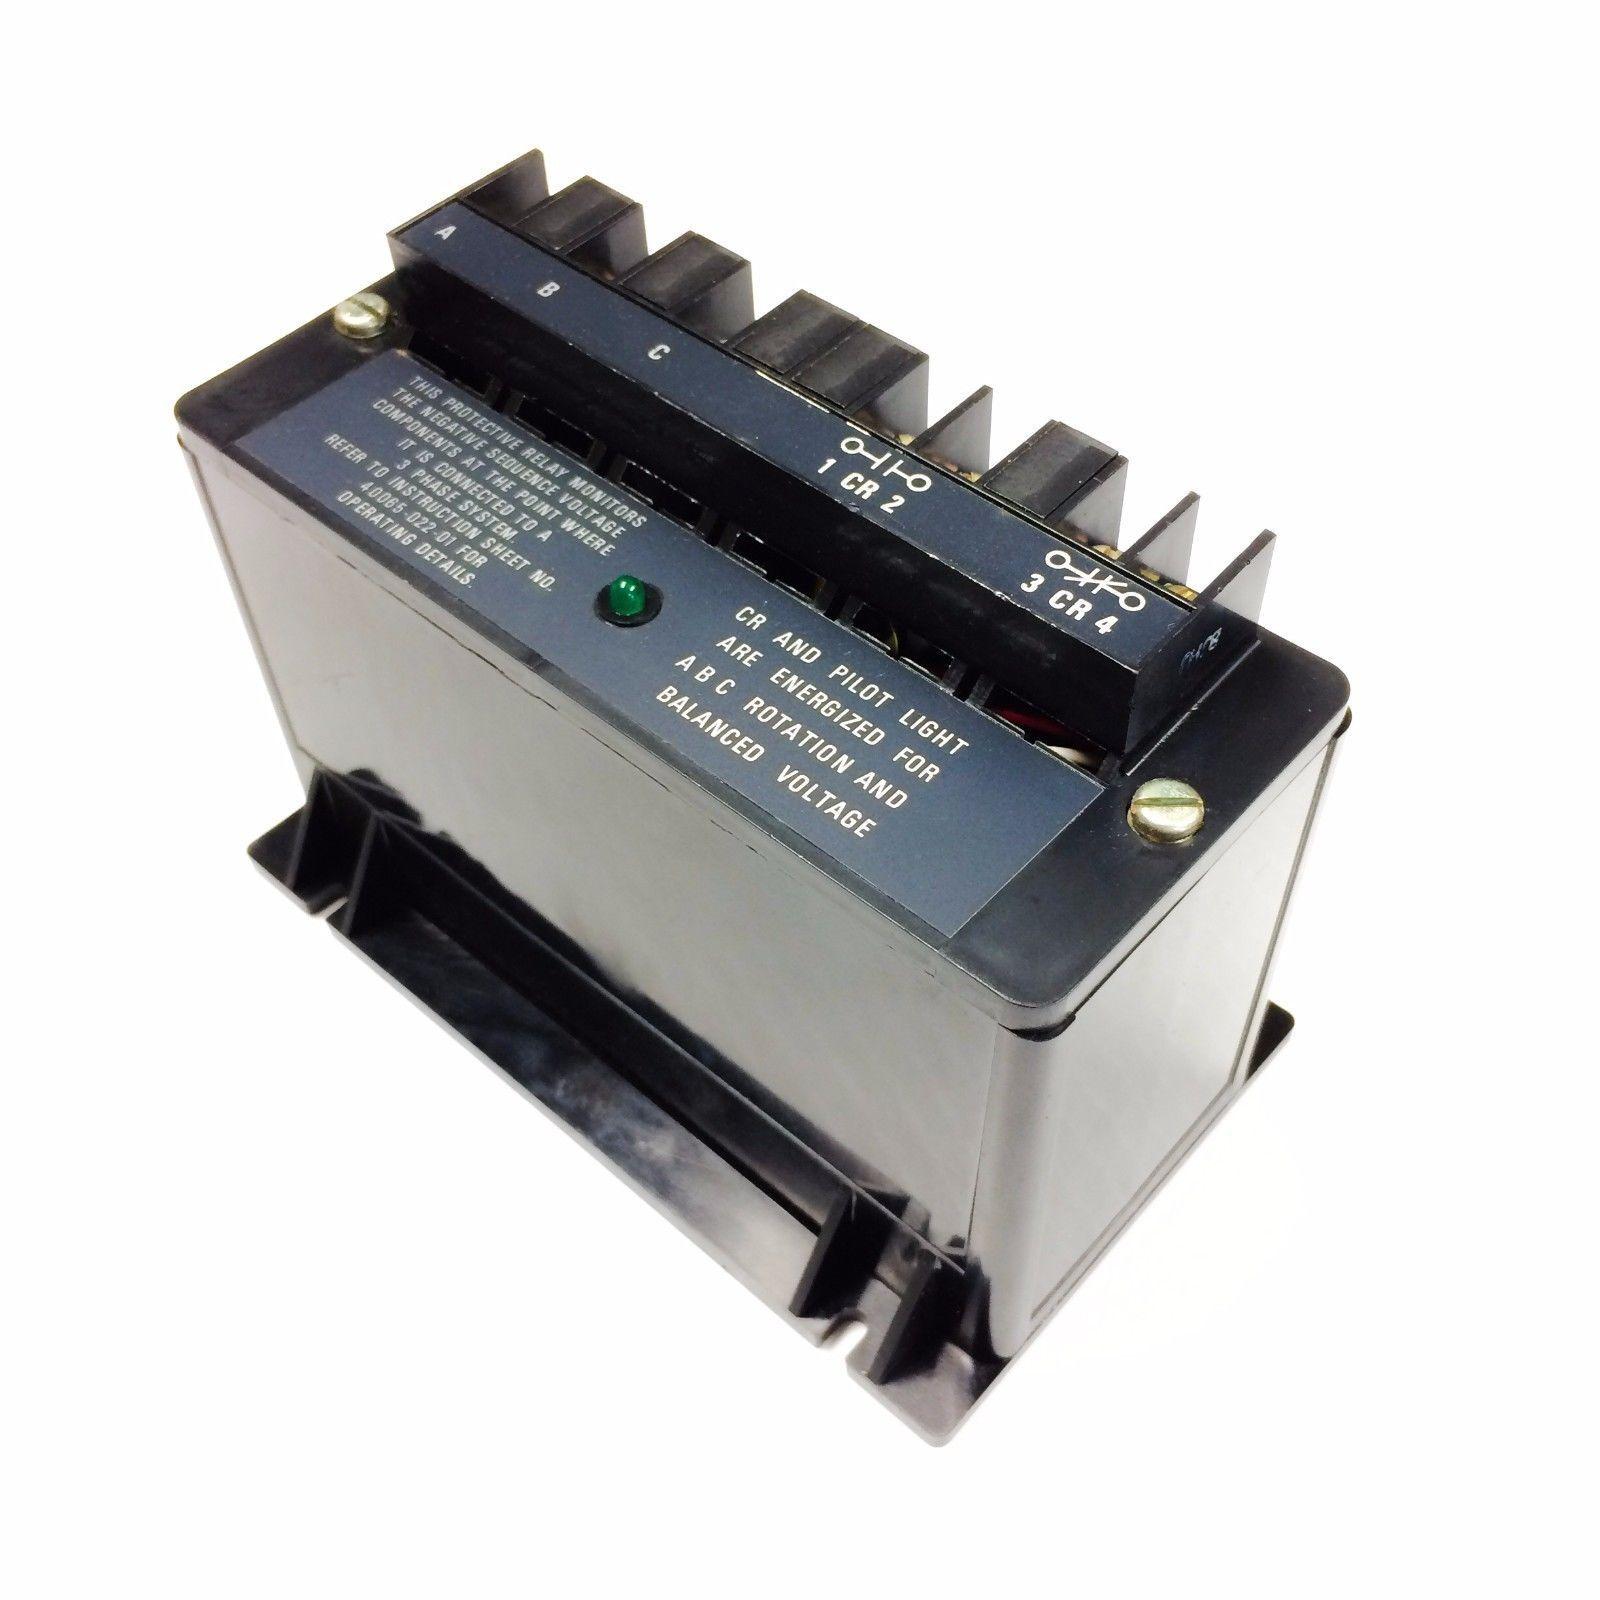 Allen Bradley 813s Vob Bulletin Line Voltage Monitor Relay Ebay Coil Pickup Stock Photo